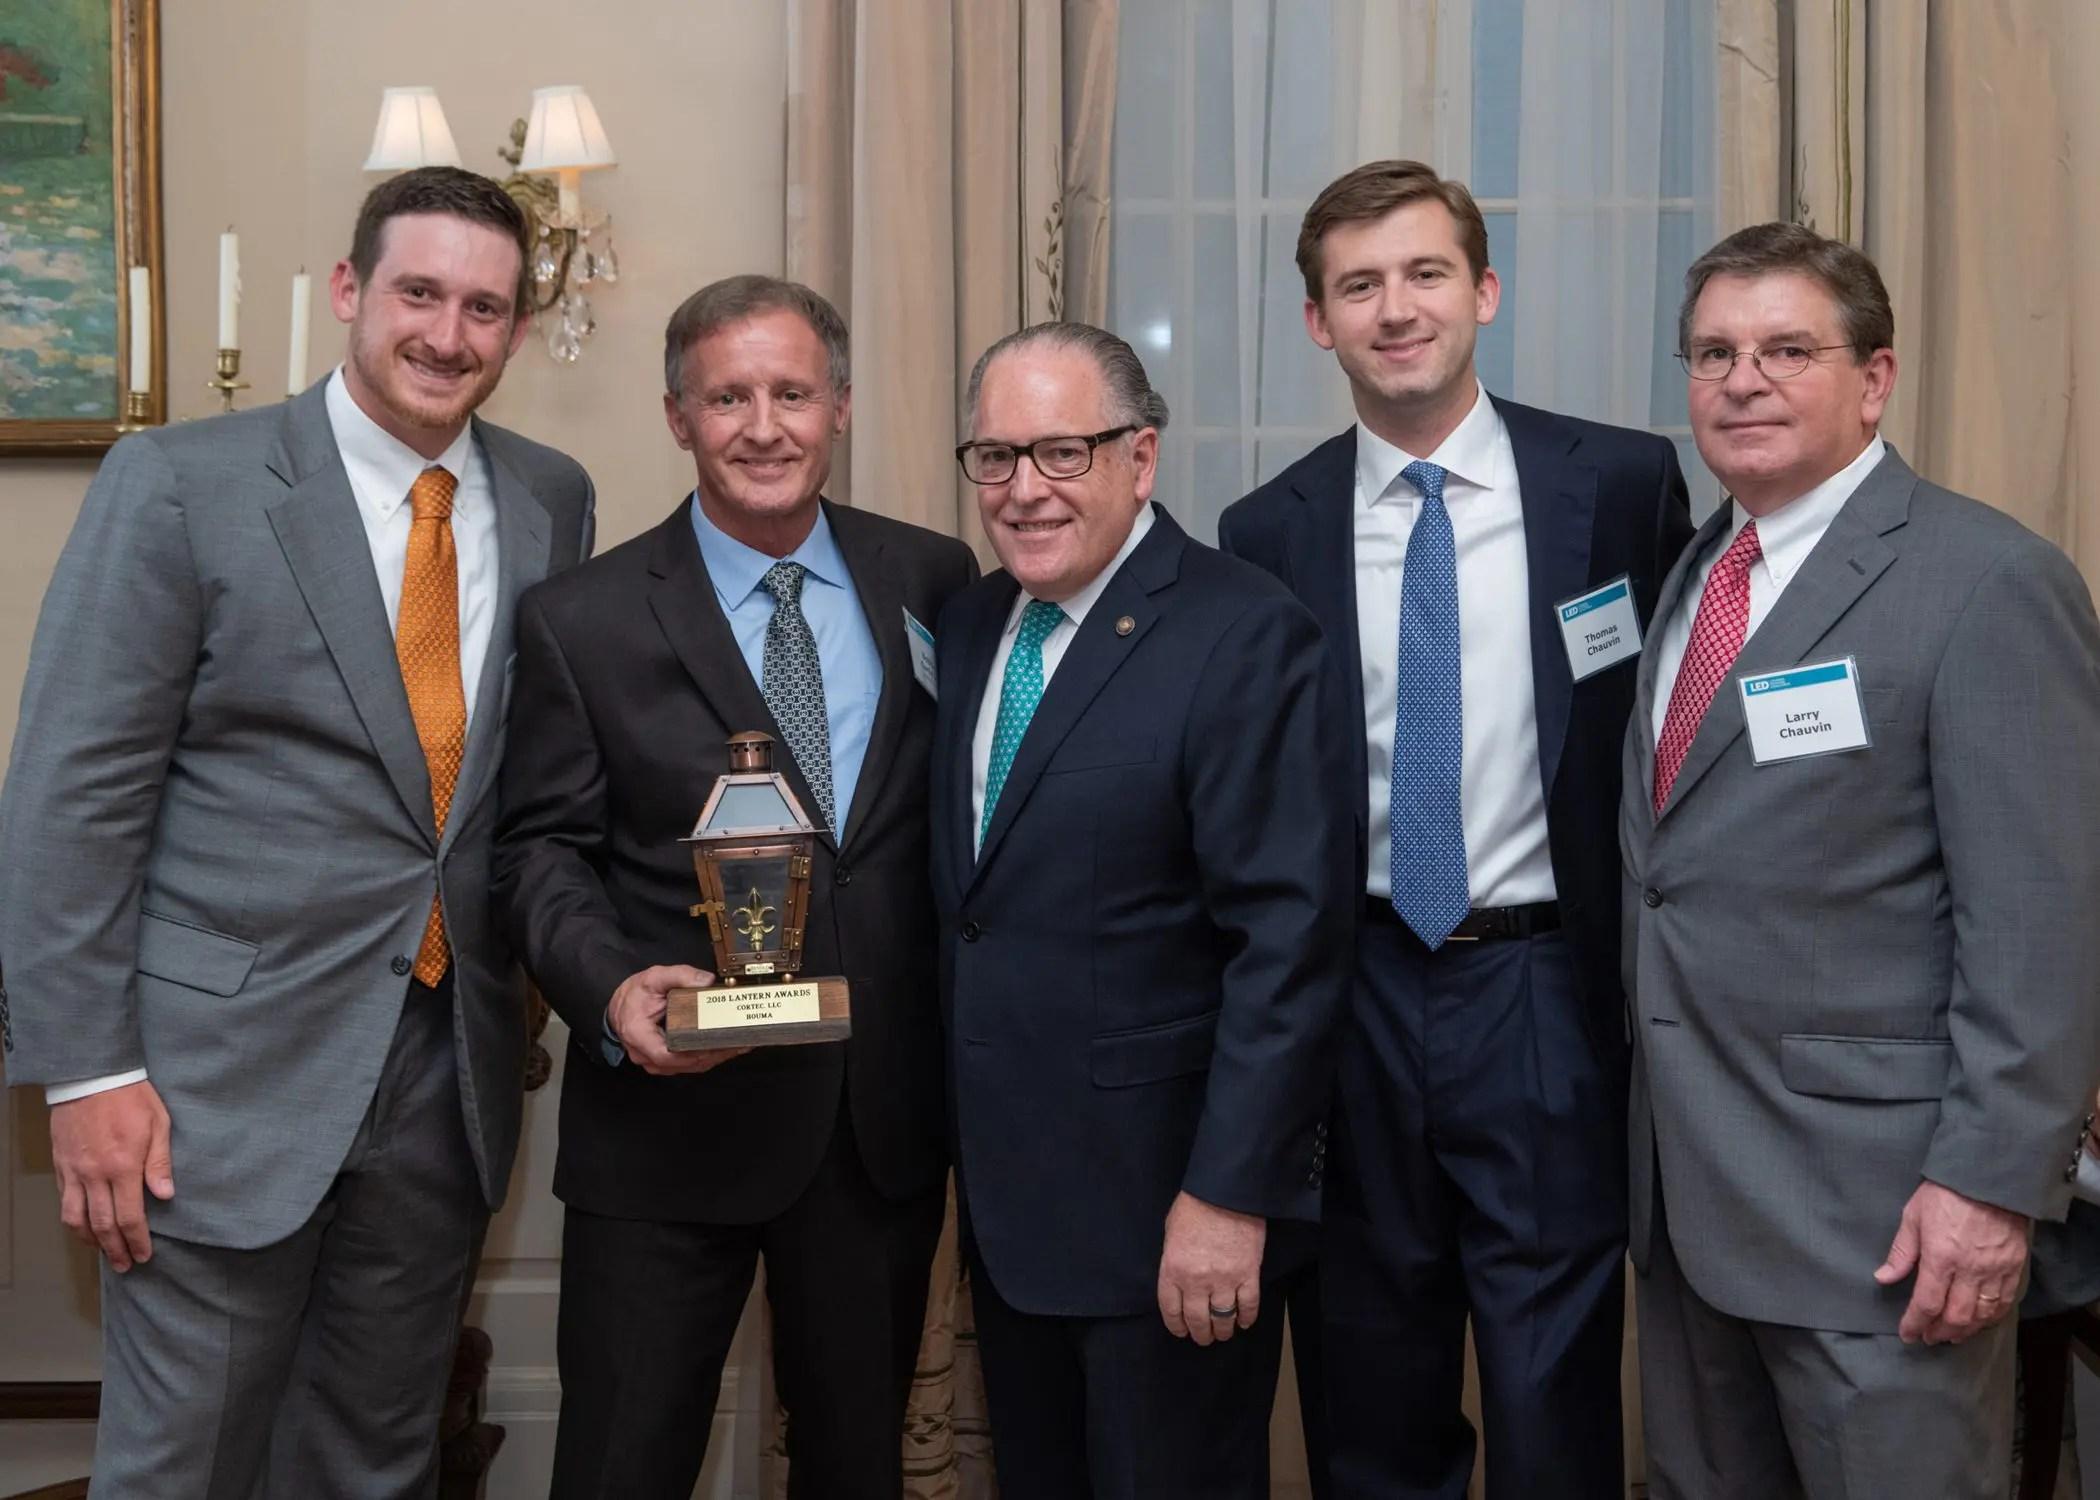 CORTEC awarded 2018 Louisiana Lantern Award